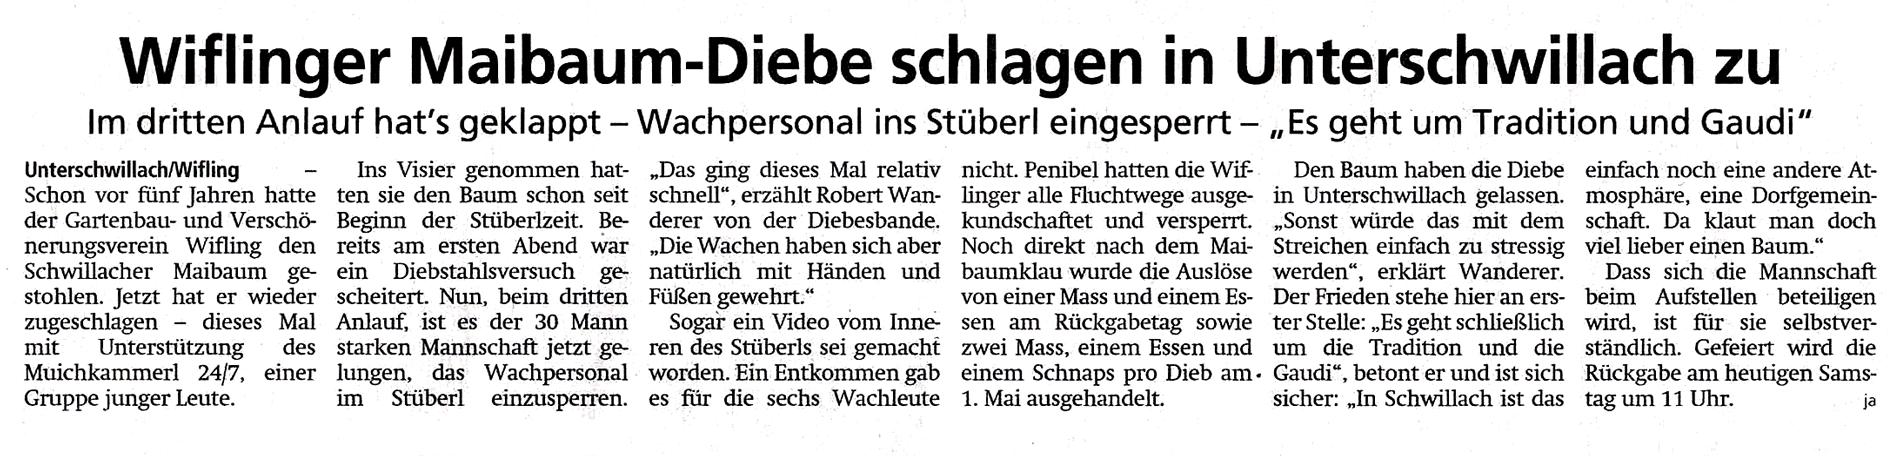 Zeitungsartikel im Münchner Merkur 27./28. April 2019 ...